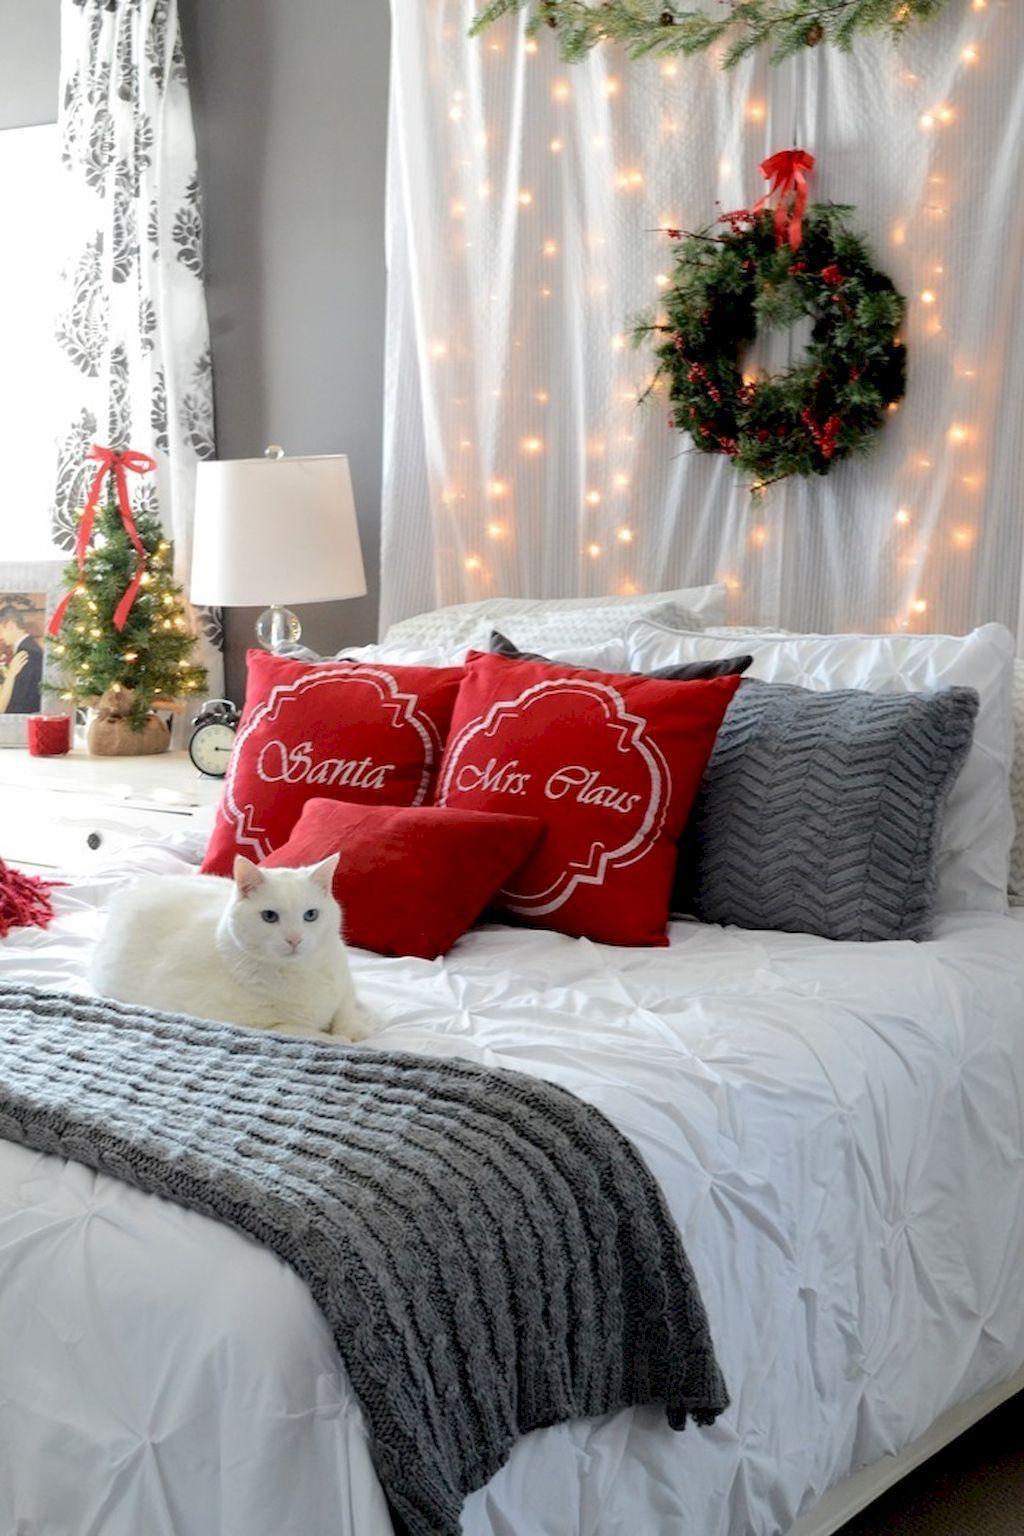 Stunning Minimalist Christmas Bedroom Decorating Ideas 38